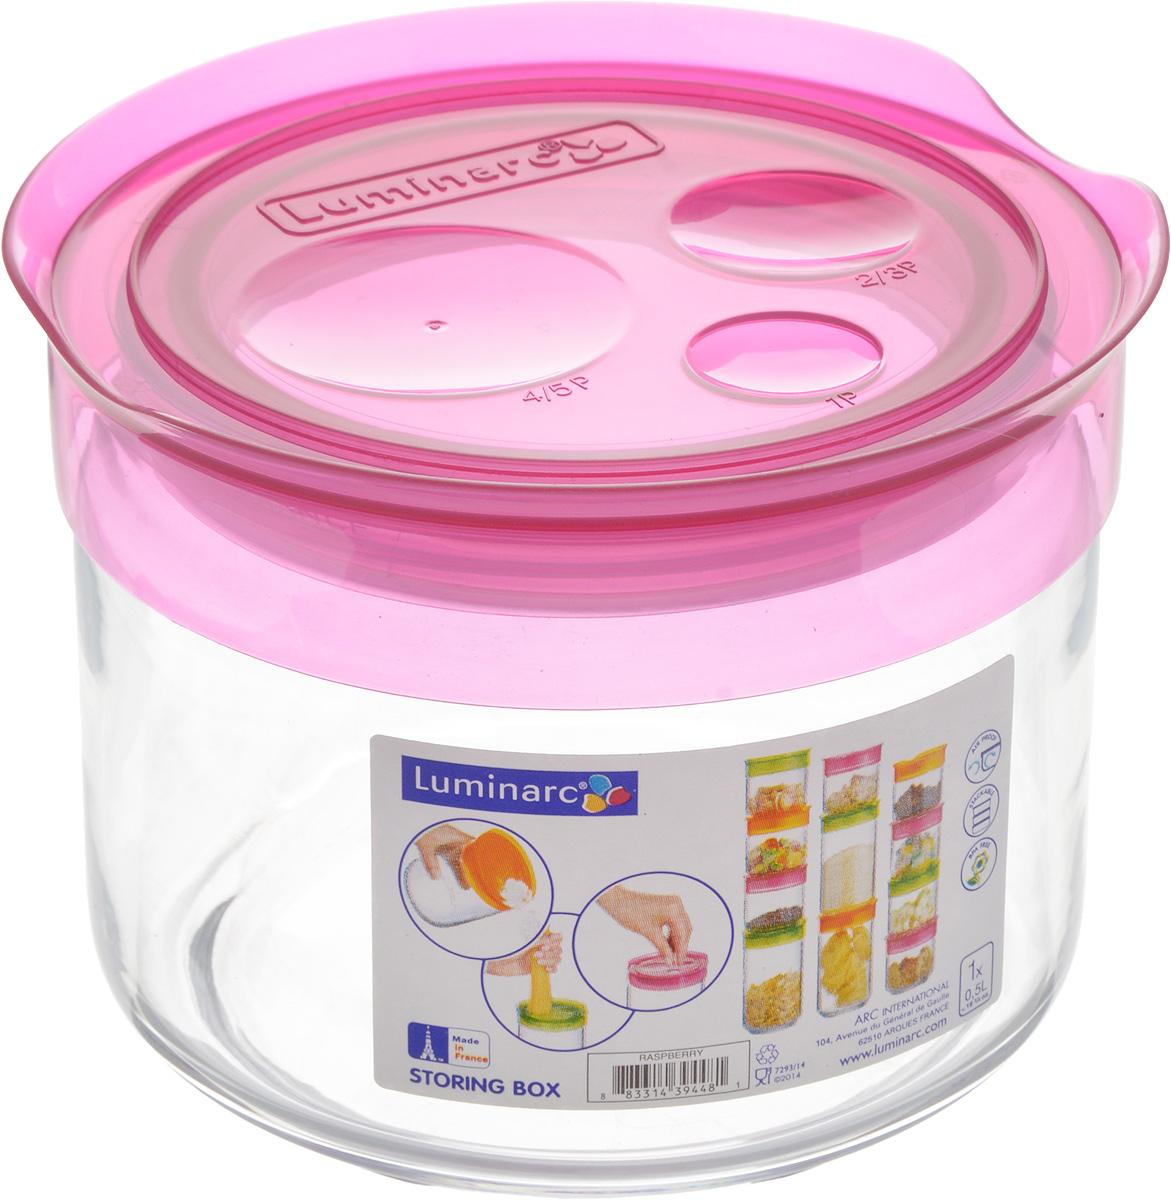 Банка для сыпучих продуктов Luminarc Storing Box, с крышкой, цвет: малиновый, 500 млJ2256Банка Luminarc Storing Box, выполненная из упрочненного стекла, станет незаменимым помощником на кухне. В ней будет удобно хранить разнообразные сыпучие продукты, такие как кофе, сахар, соль или специи. Прозрачная банка позволит следить, что и в каком количестве находится внутри. Банка надежно закрывается пластиковой крышкой, которая снабжена резиновым уплотнителем для лучшей фиксации. Такая банка не только сэкономит место на вашей кухне, но и украсит интерьер.Объем: 500 мл.Диаметр банки (по верхнему краю): 9 см.Высота банки (без учета крышки): 8 см.